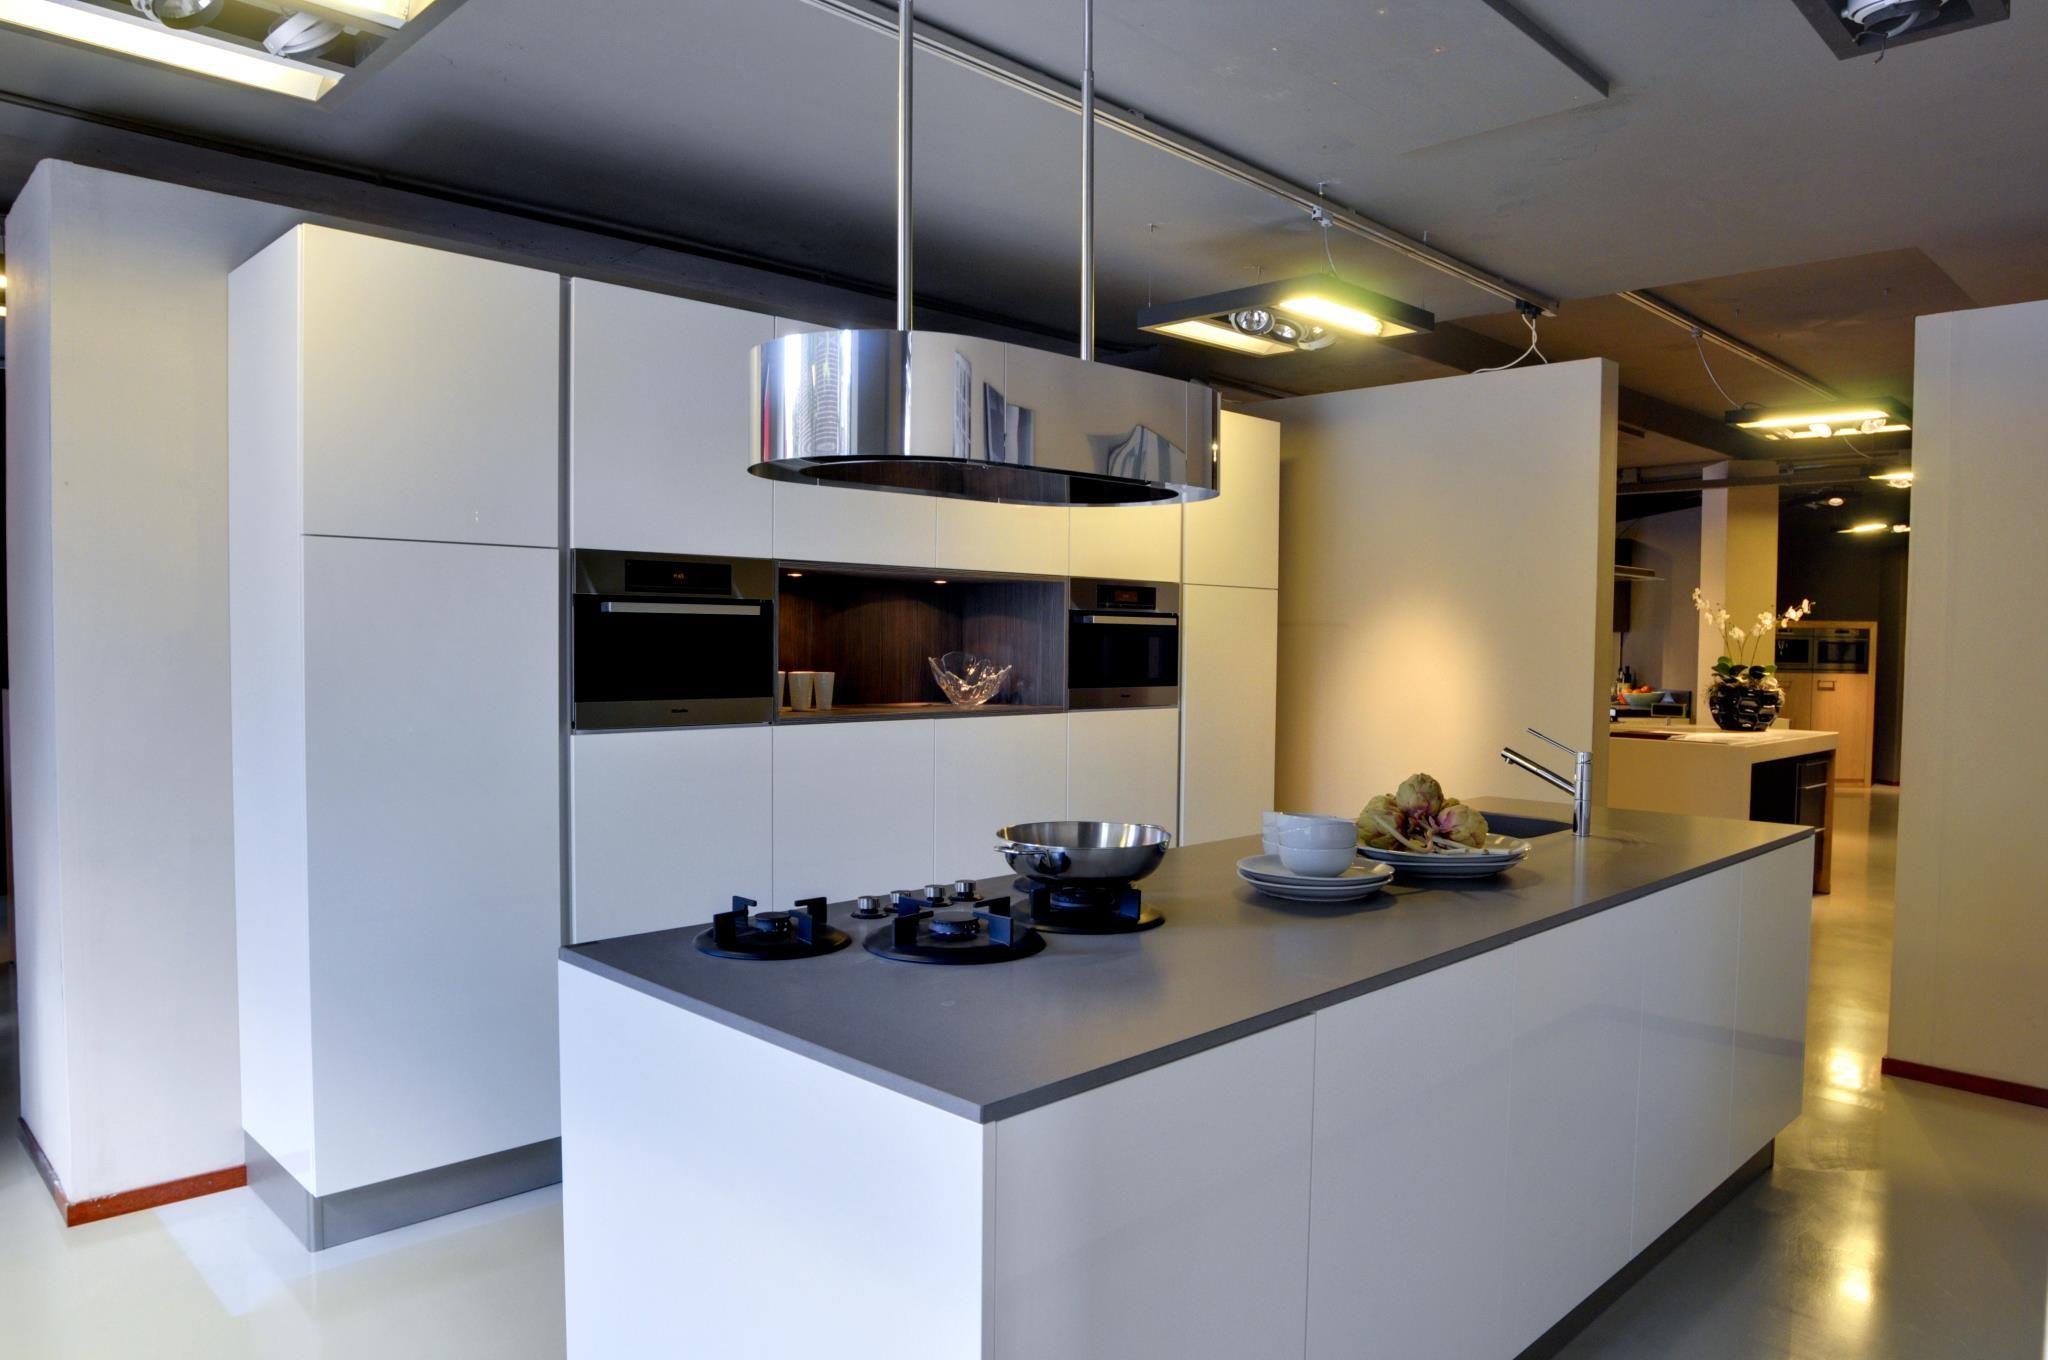 ... keukens voor zeer lage keuken prijzen  Exclusieve maatwerk keuken